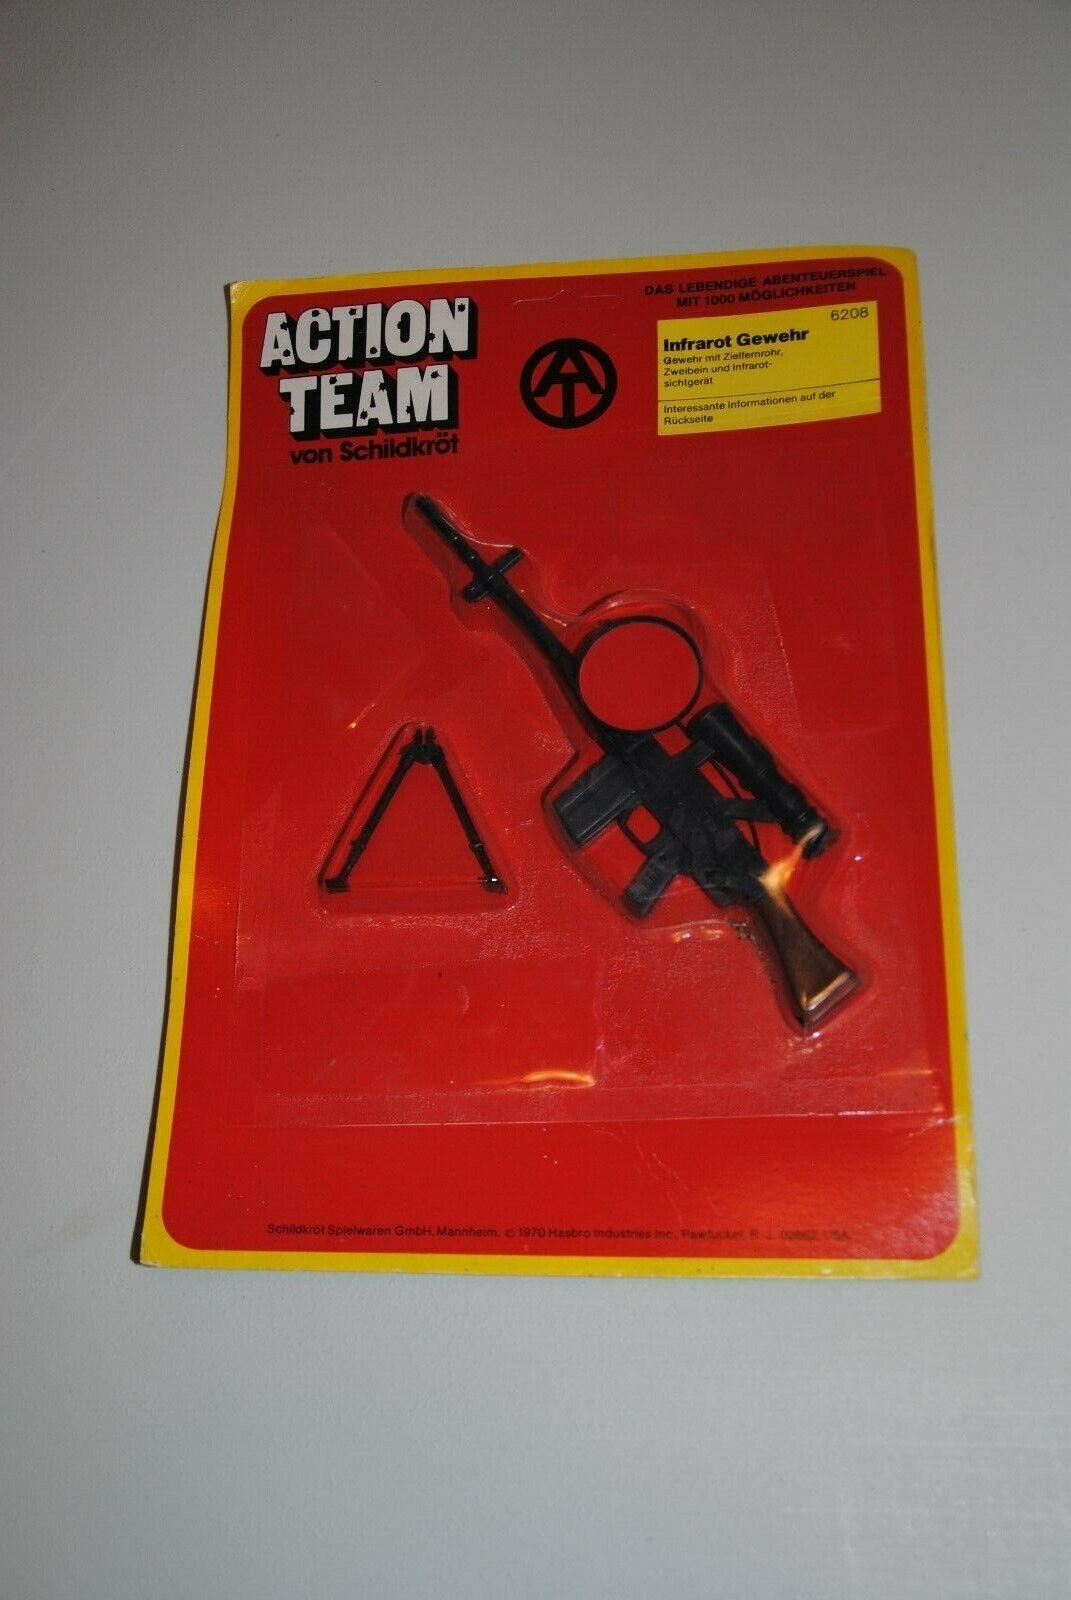 Equipo De Acción Gi Joe Joe accesoires tarjeta  por infrarrojos pistola  Cochedado  tienda de venta